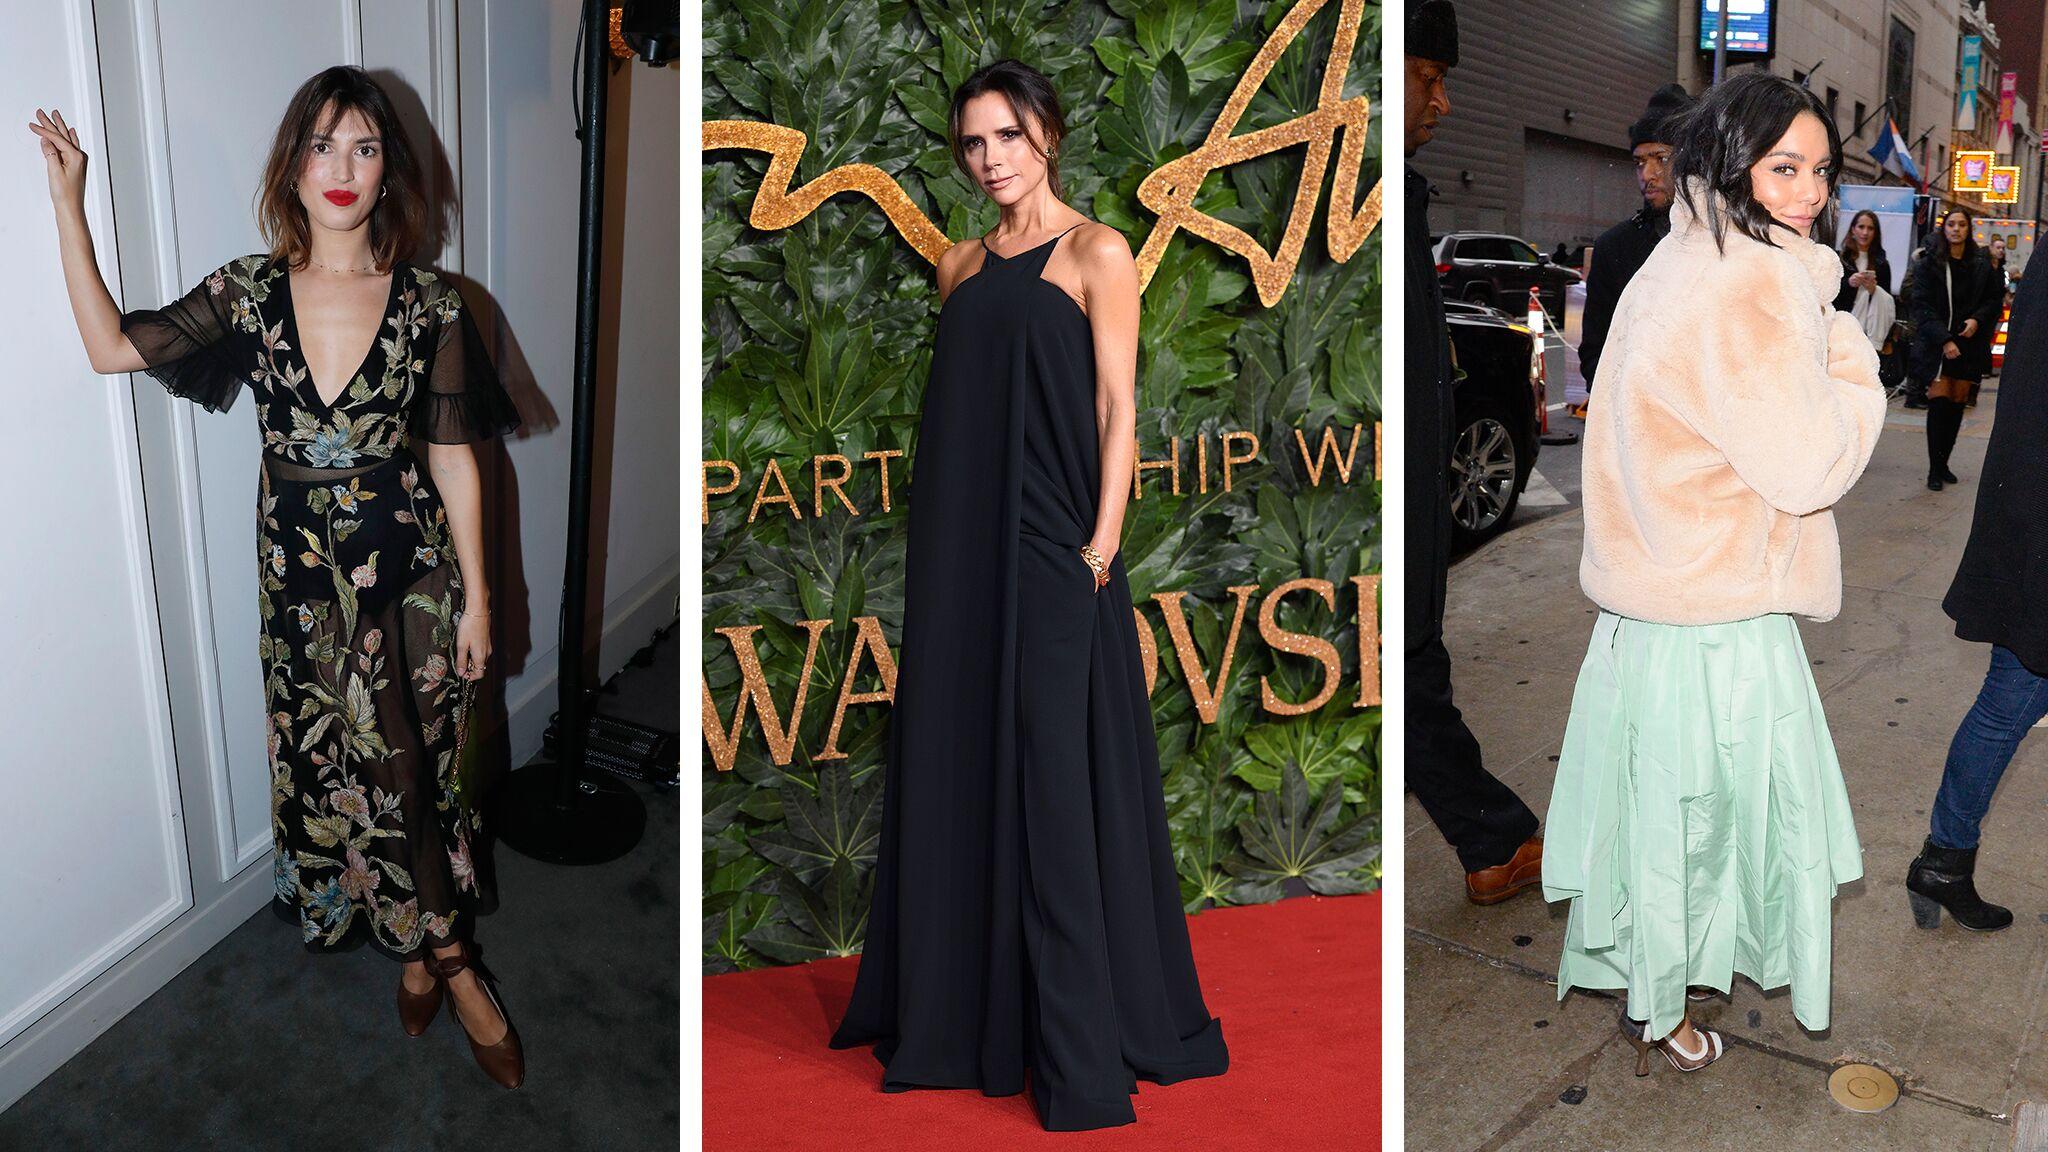 Comment porter la robe longue ? Quelle longueur et quelle